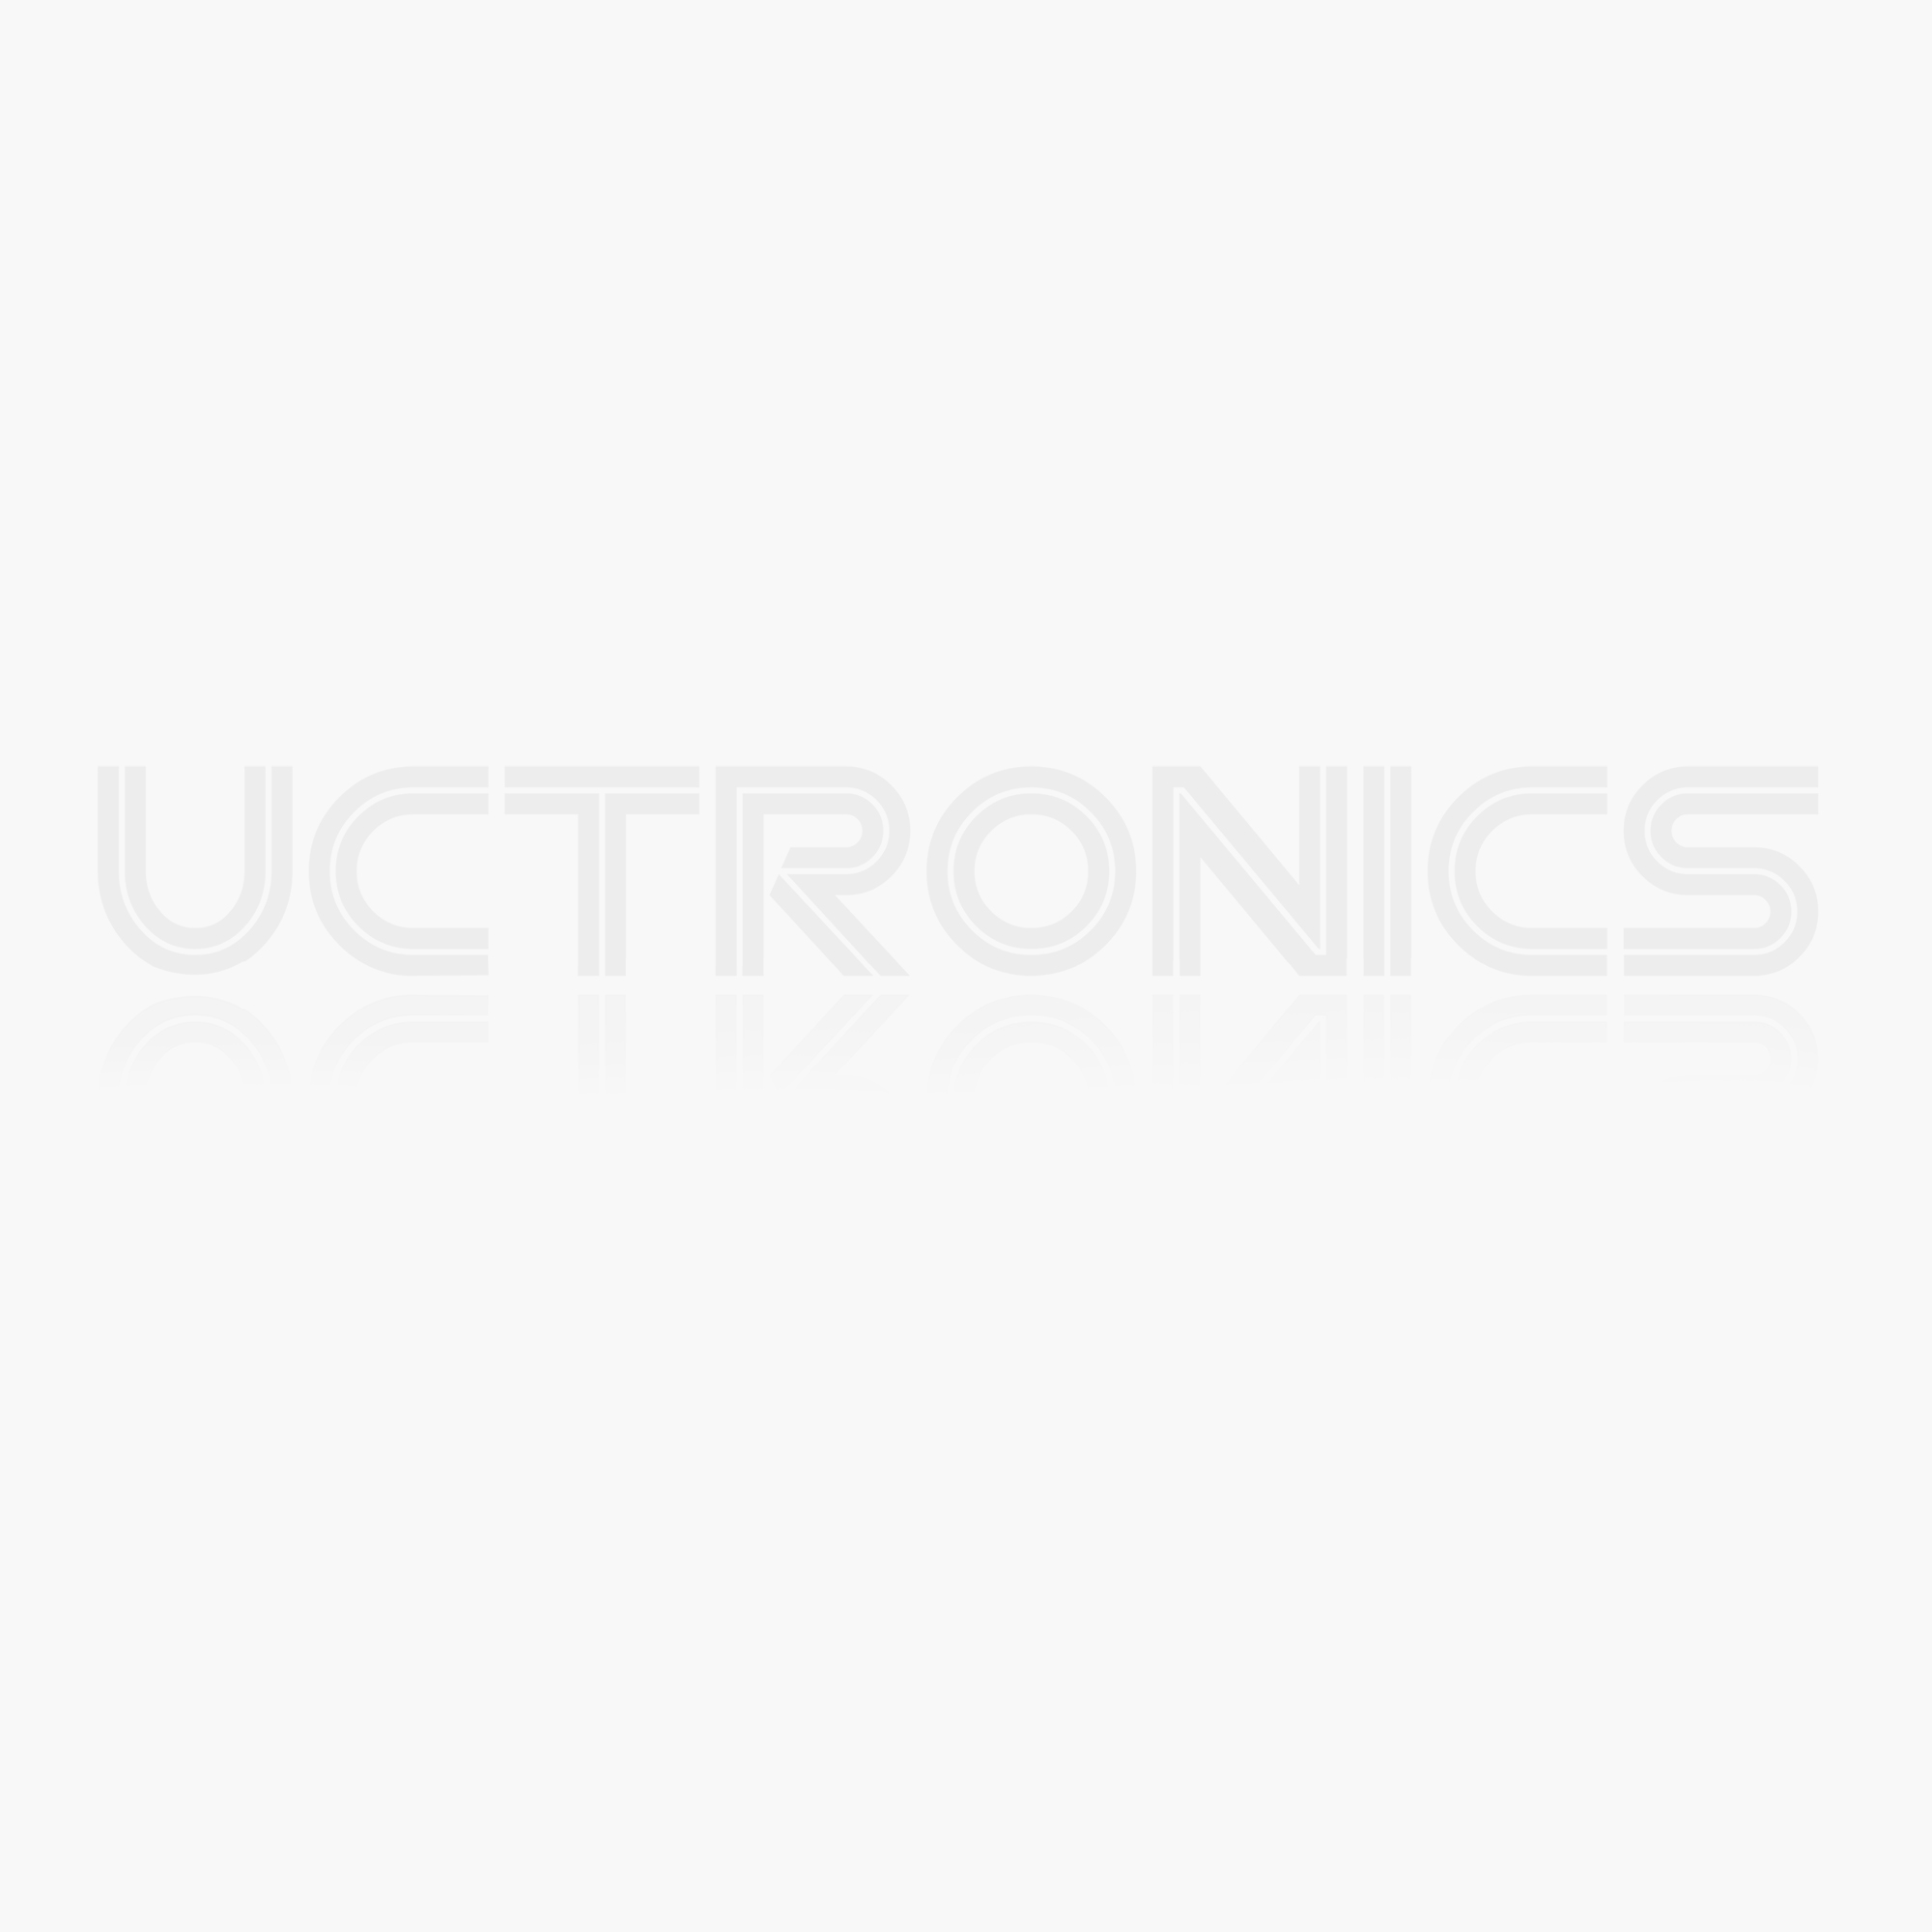 USBtinyISP AVR ISP Programmer Arduino Bootloader